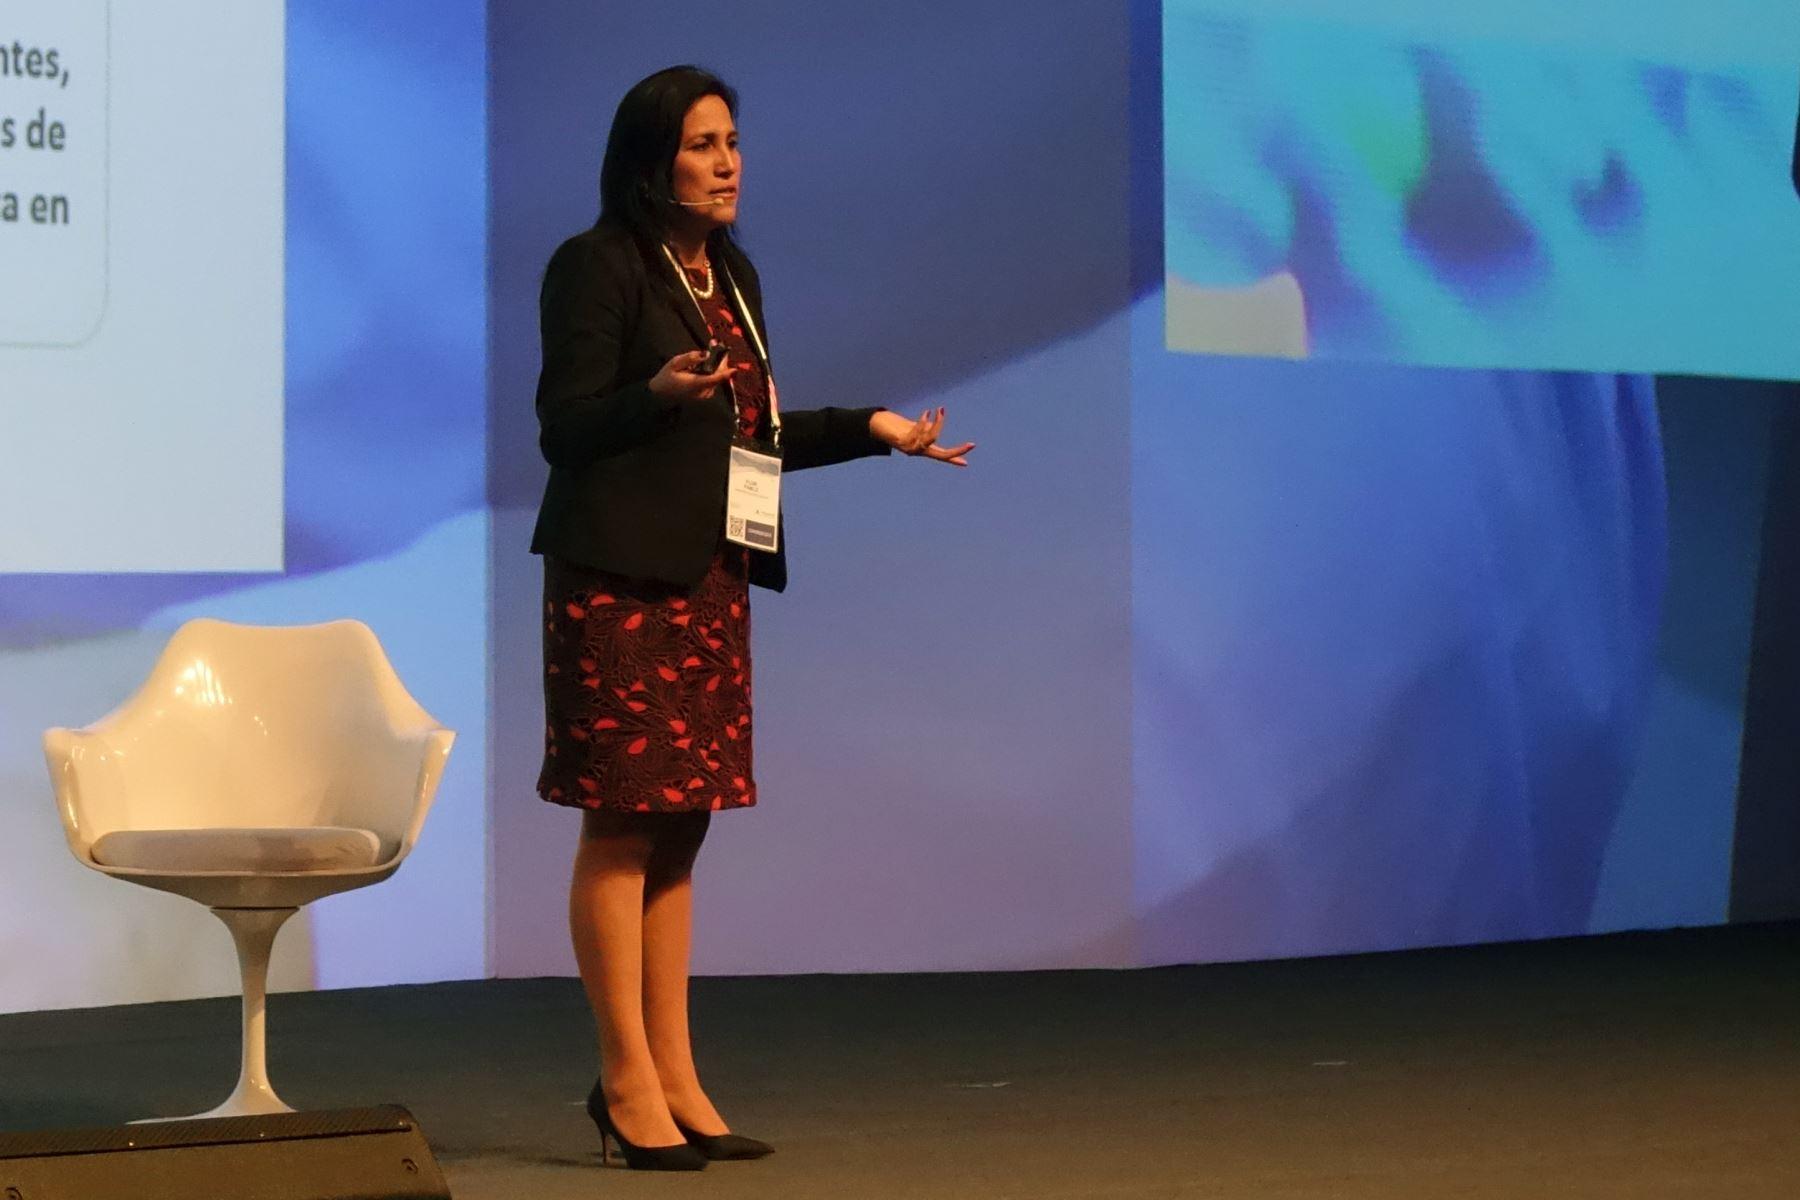 Ministra de Educación, Flor Pablo, en Perumin. ANDINA/Difusión